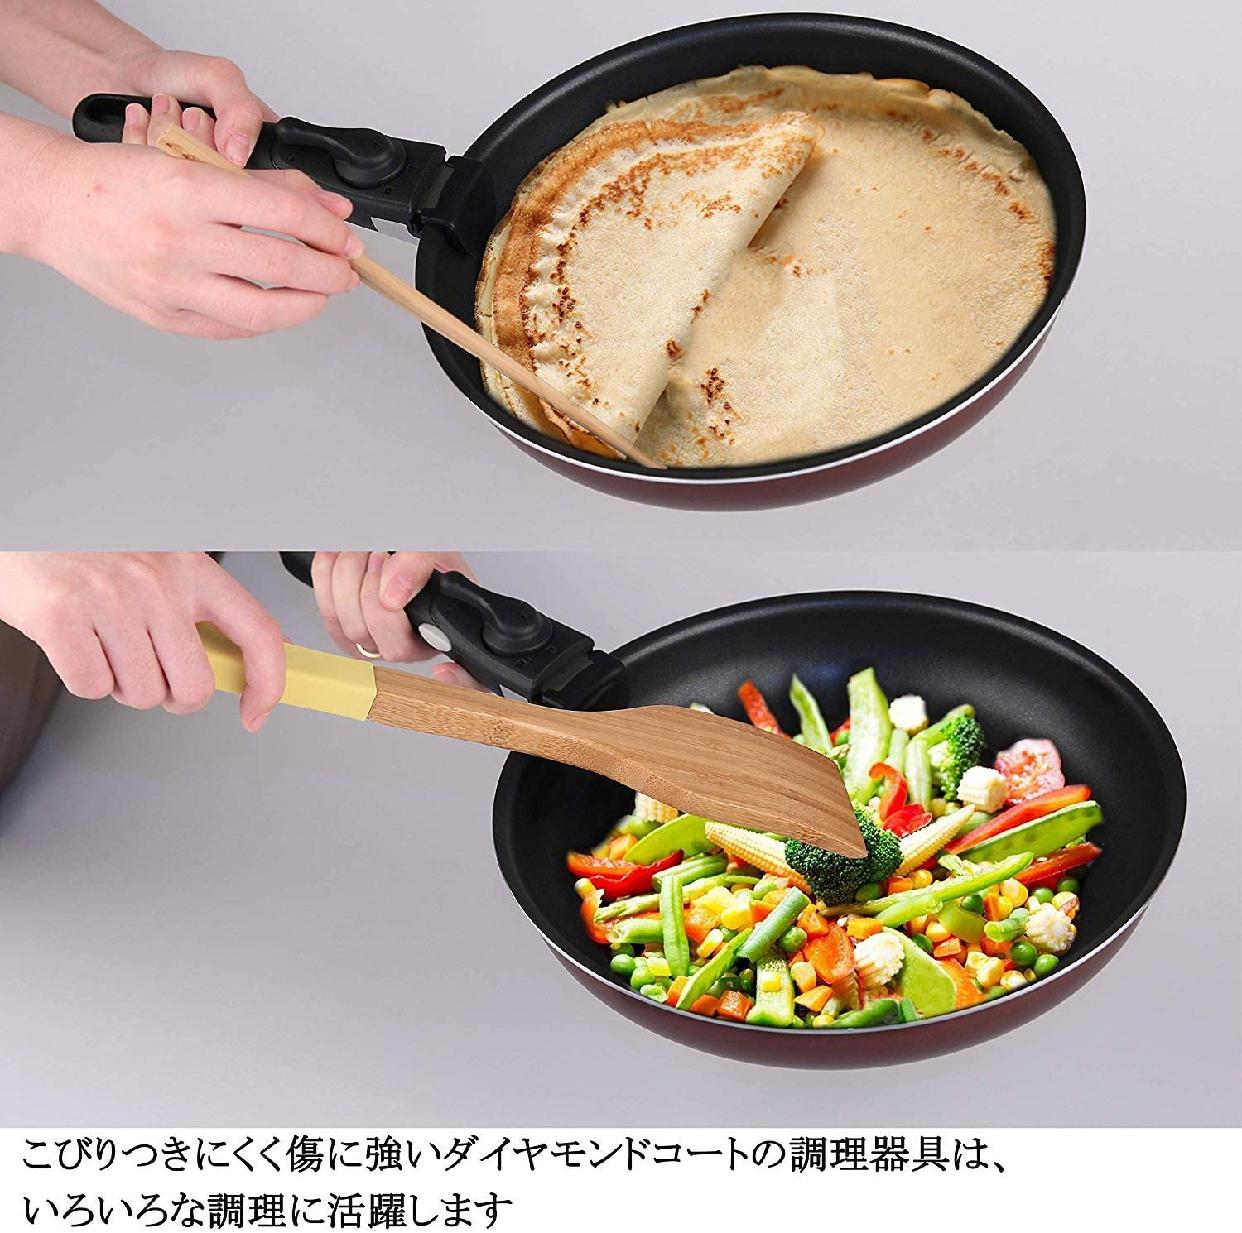 COOKSMARK(クックスマーク)ダイヤモンドコートパン 6点セットの商品画像6